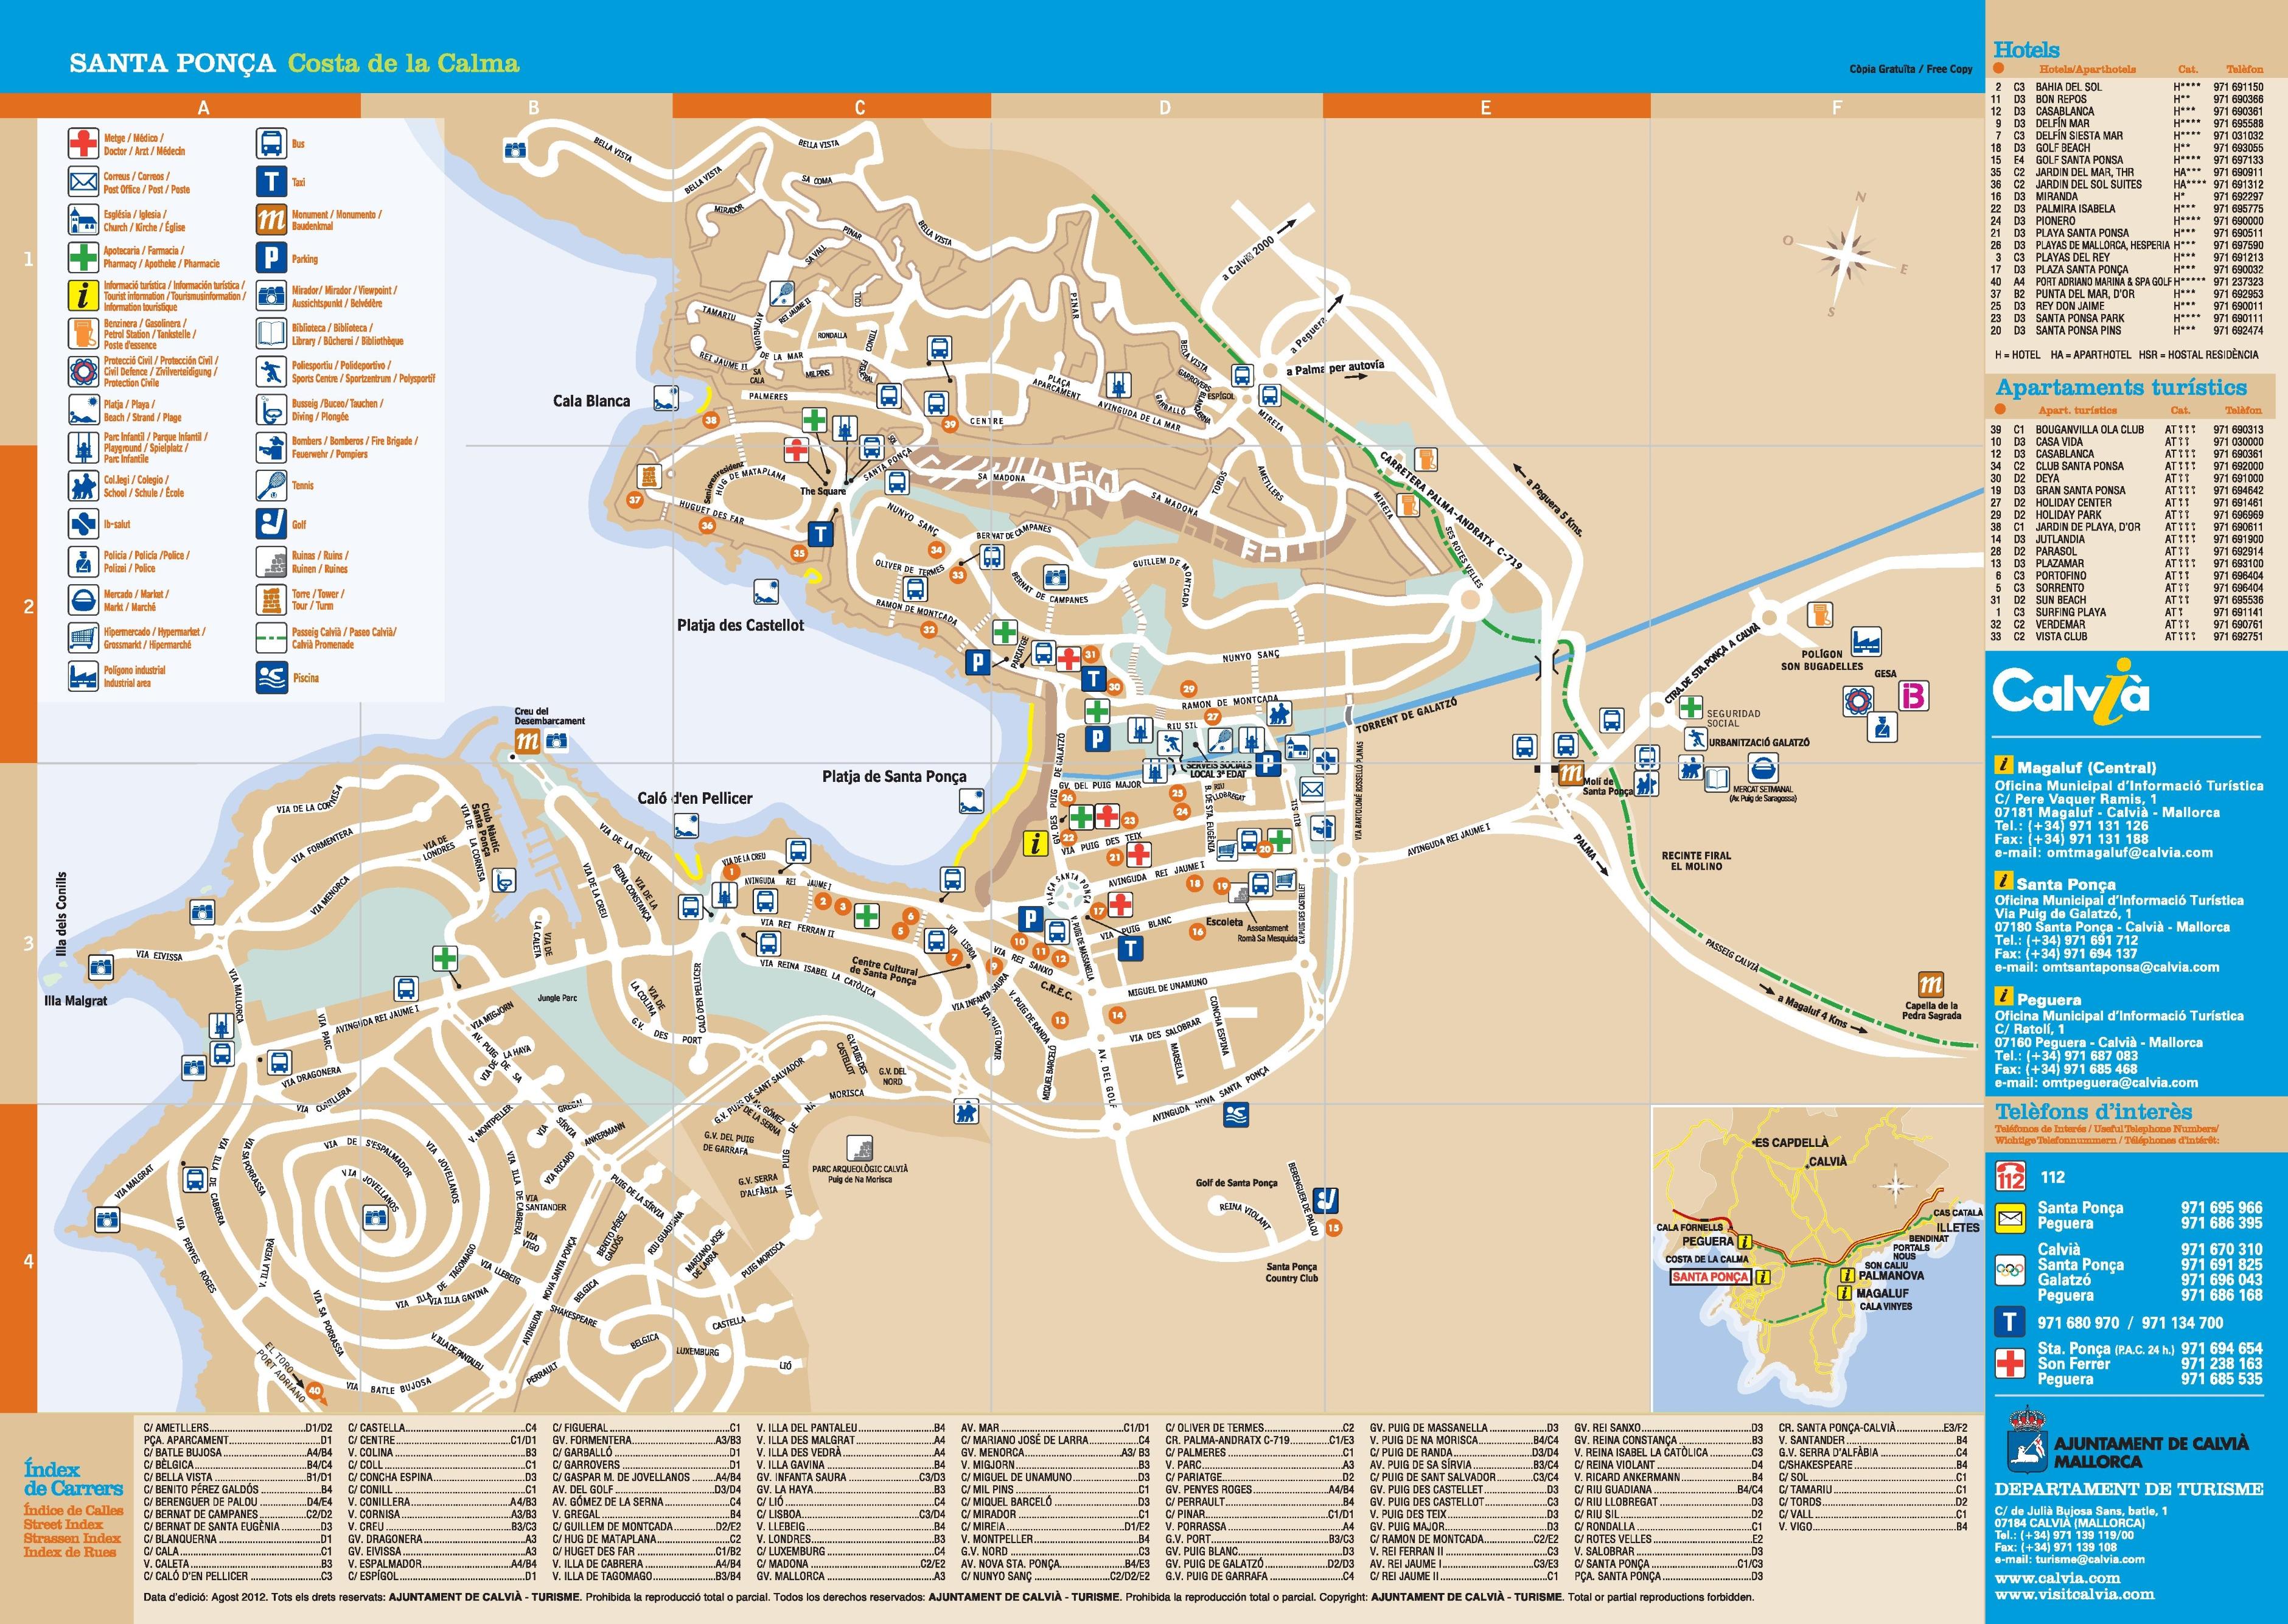 Santa Ponsa Map Santa Ponsa tourist map Santa Ponsa Map